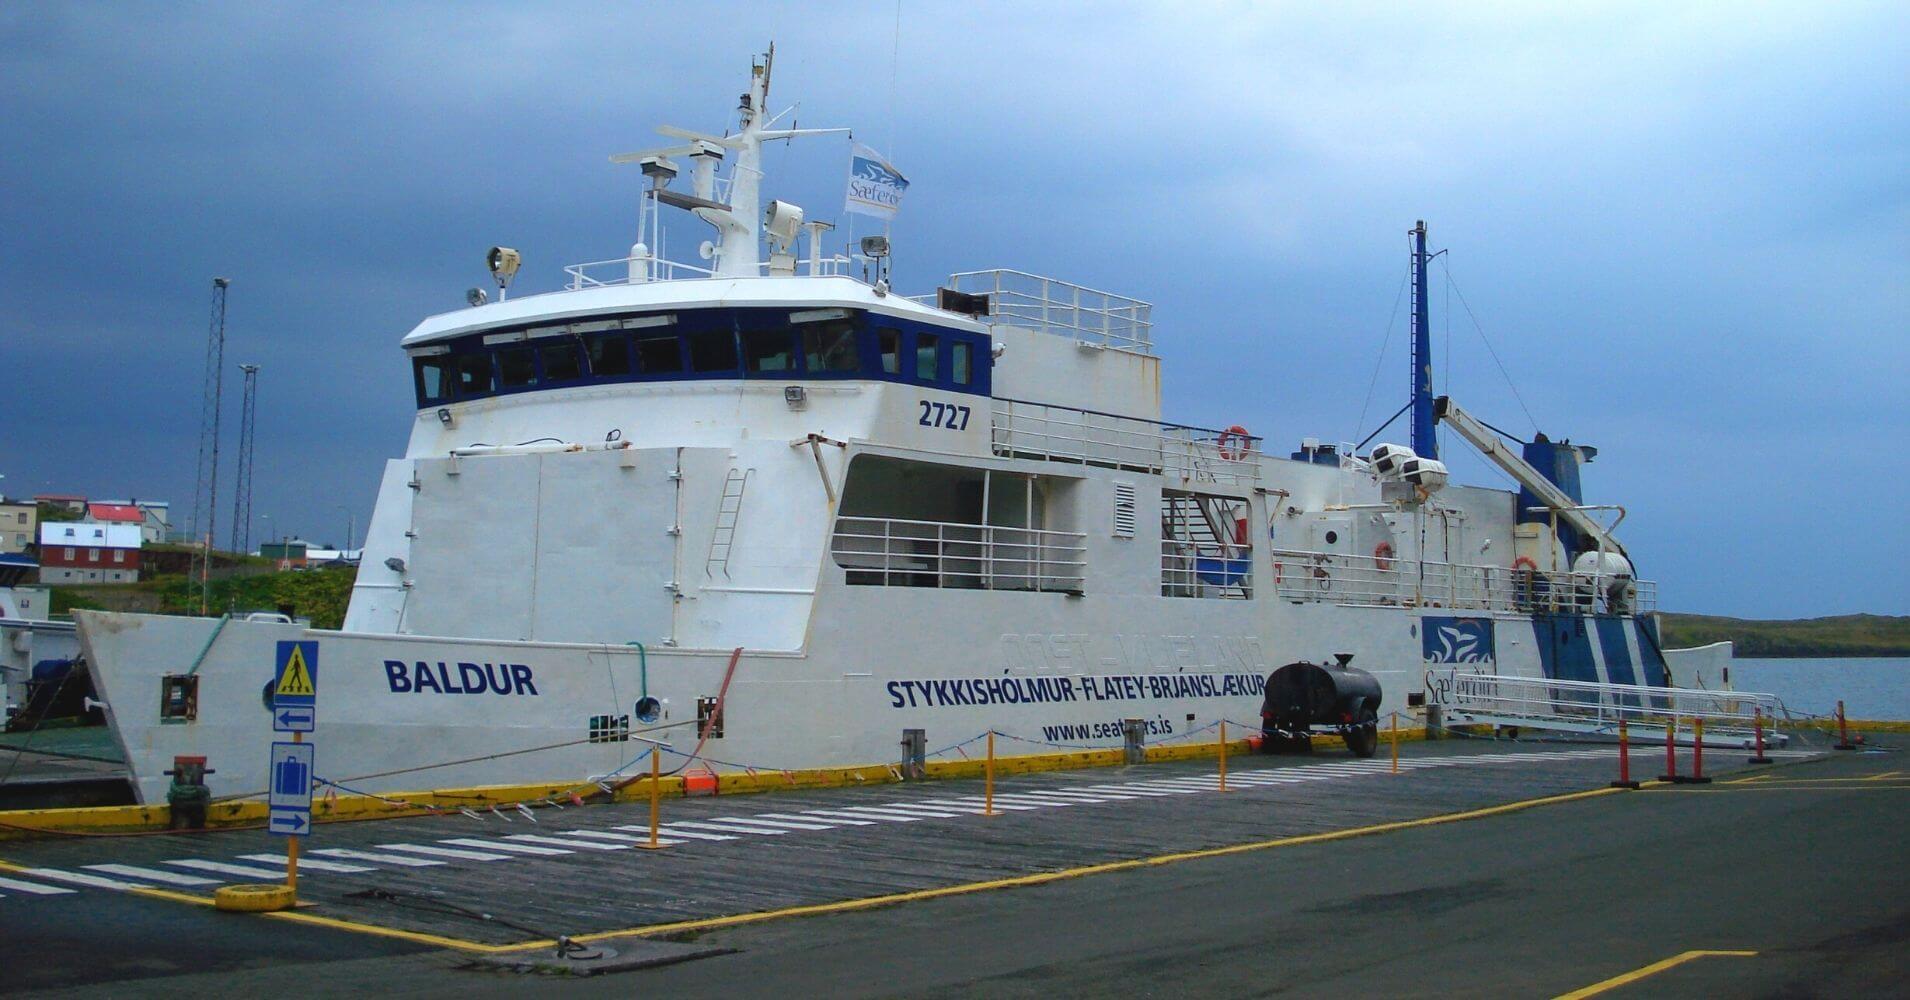 Ferry Baldur. Ísafjörður. Fiordos del Oeste. Vestfirðir, Islandia.